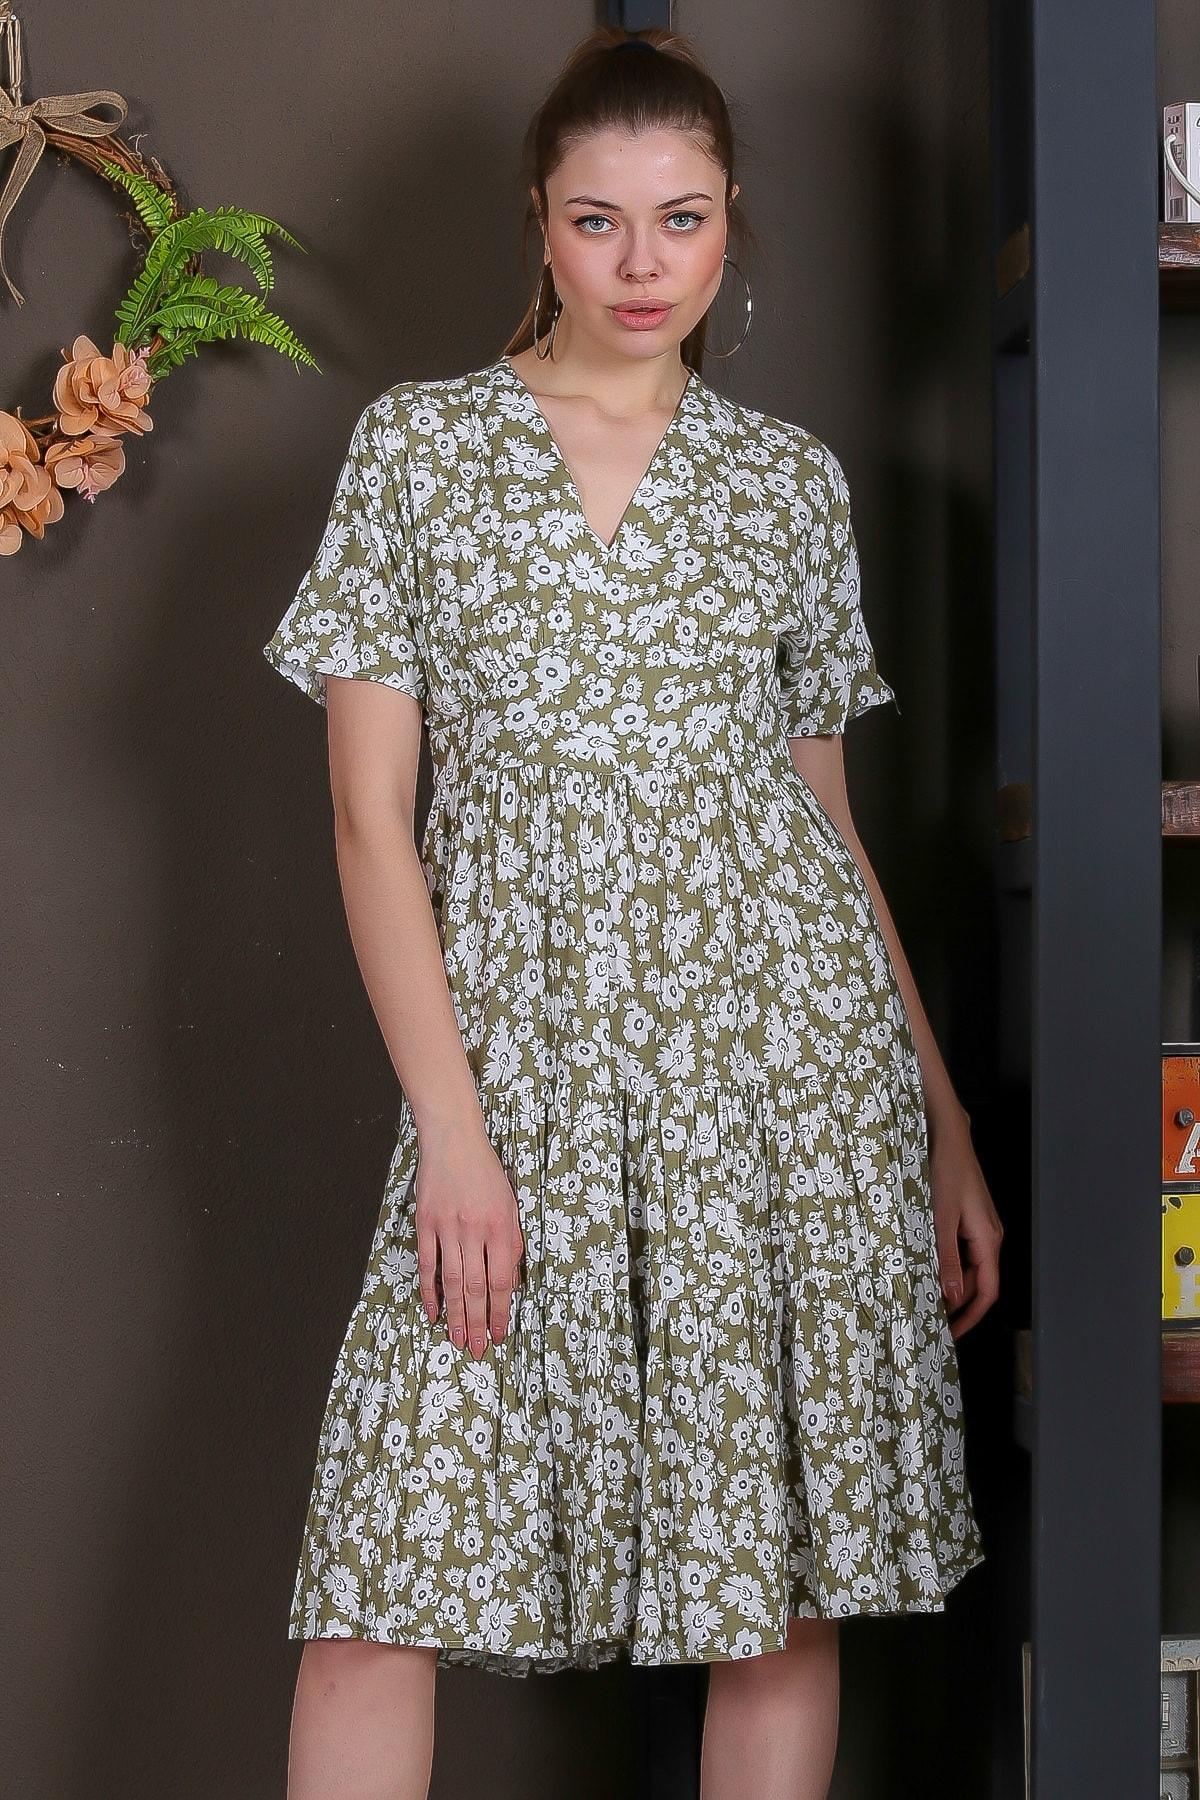 Chiccy Kadın Yeşil Düşük Kol V Yaka Fırfırlı Dokuma Midi Elbise M10160000EL95432 0